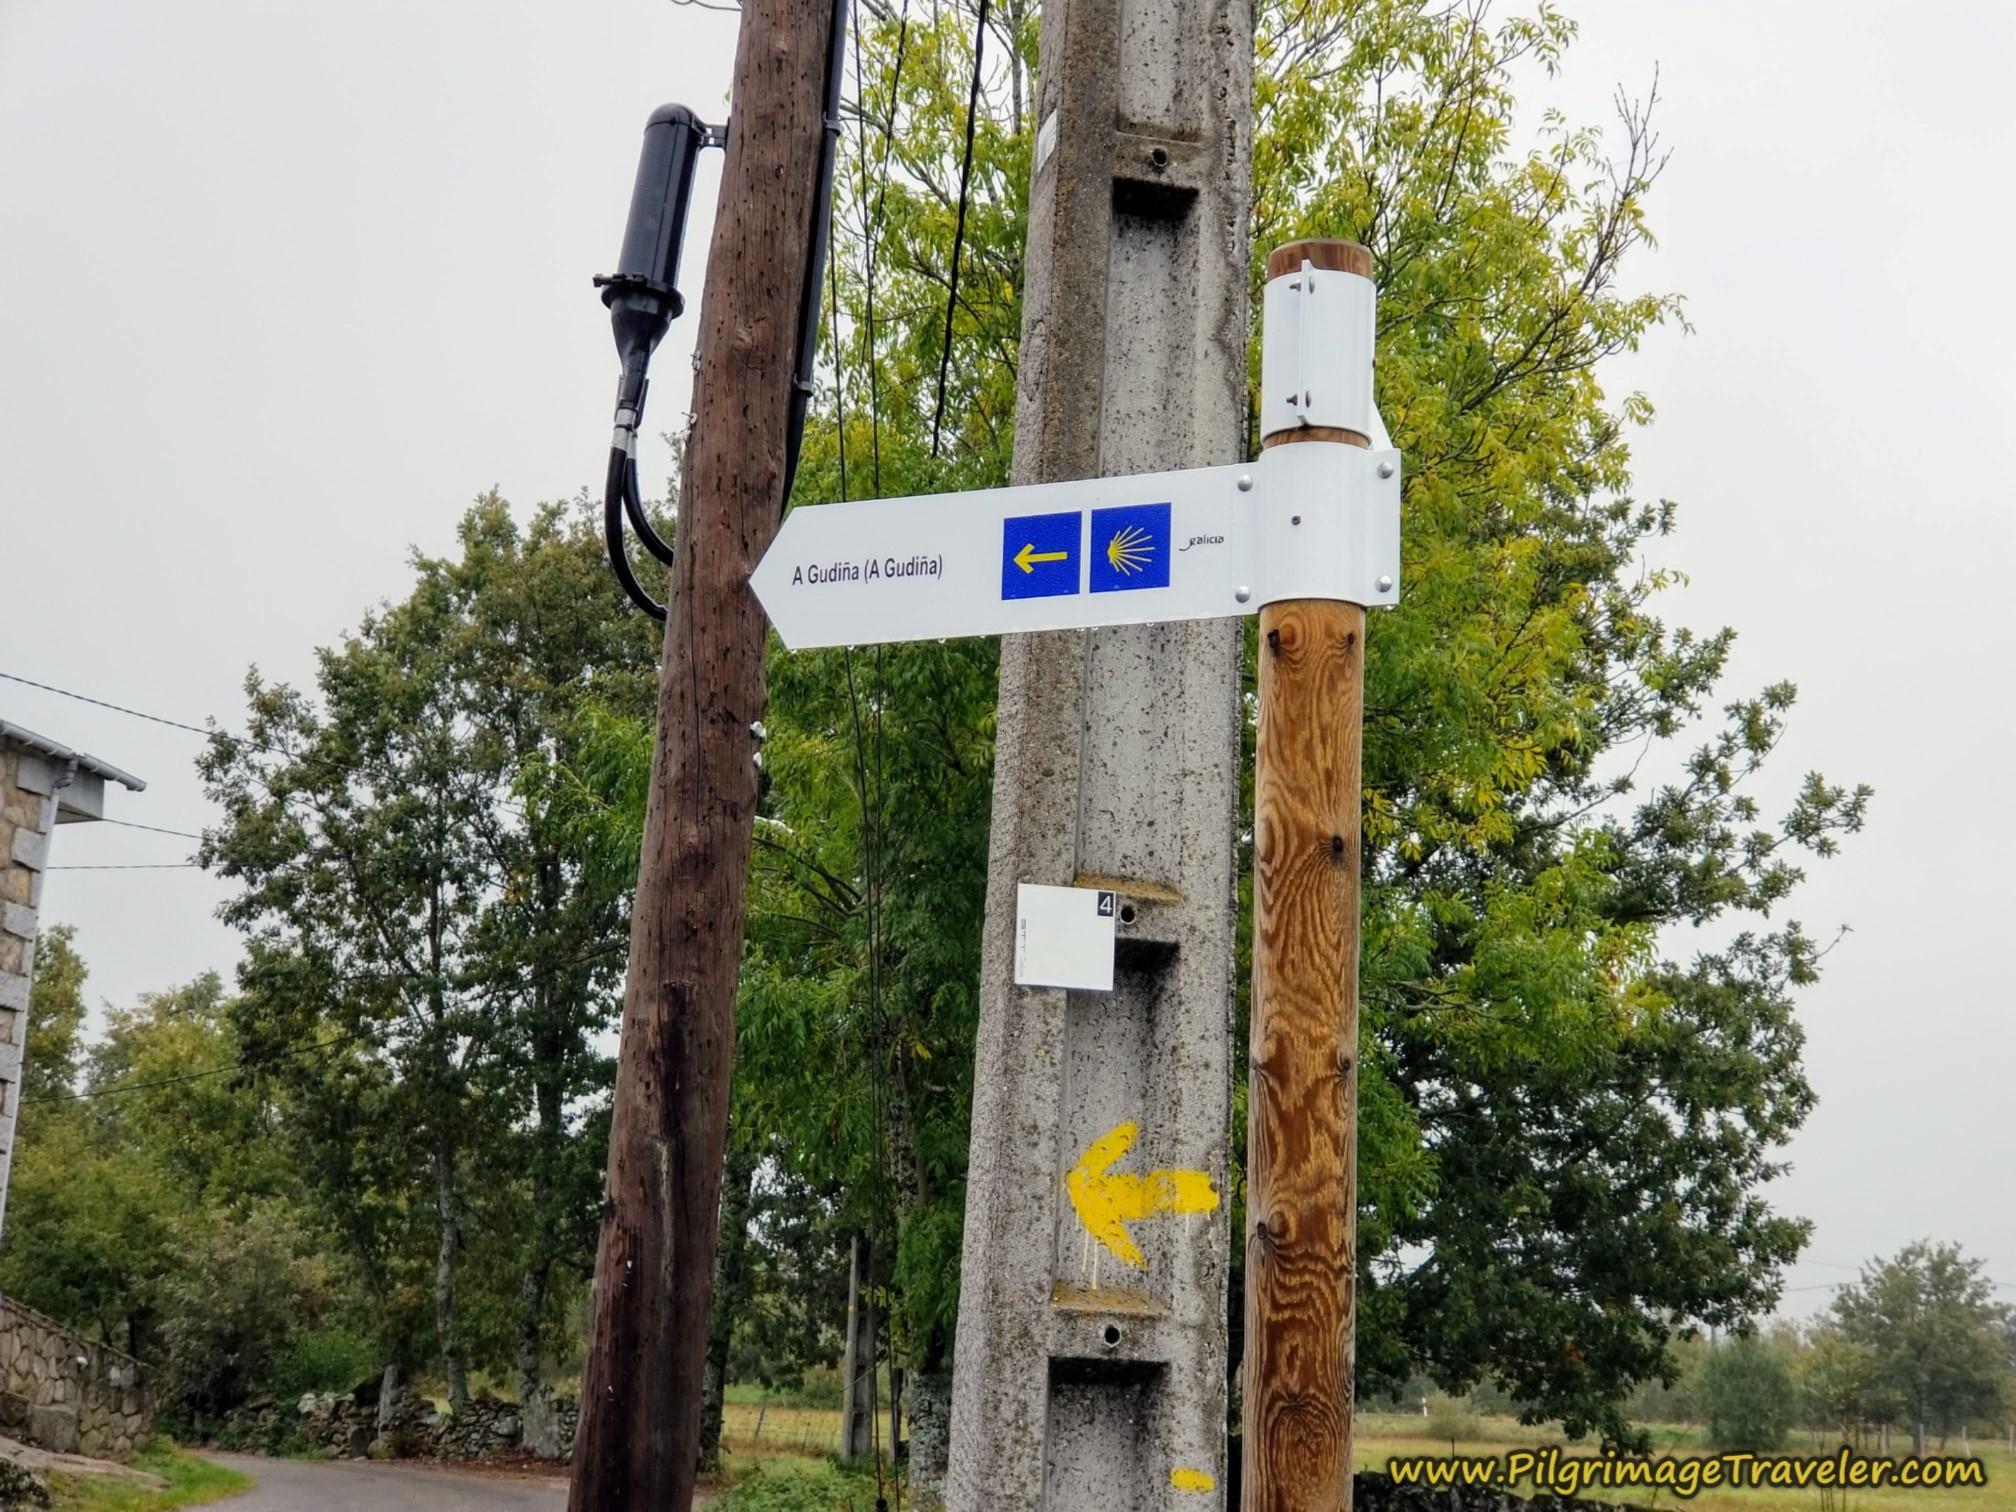 Signpost to A Gudiña